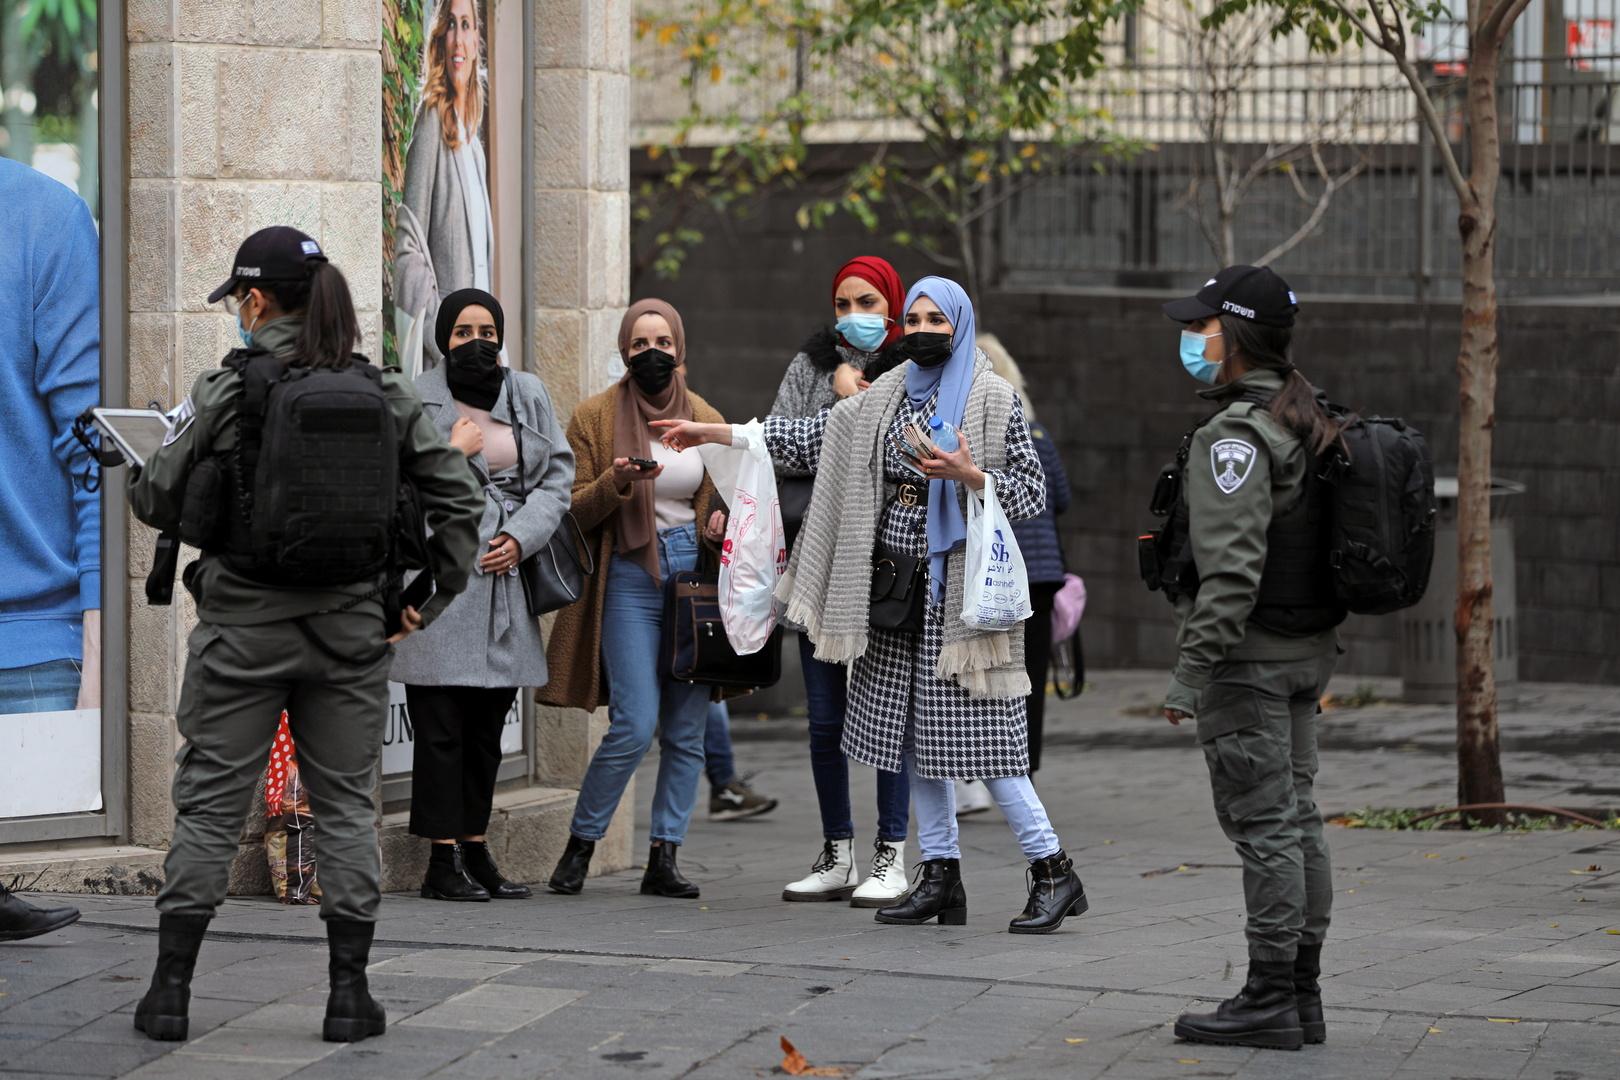 وزير إسرائيلي: أبناء المجتمع العربي مواطنون على قدم المساواة لكن